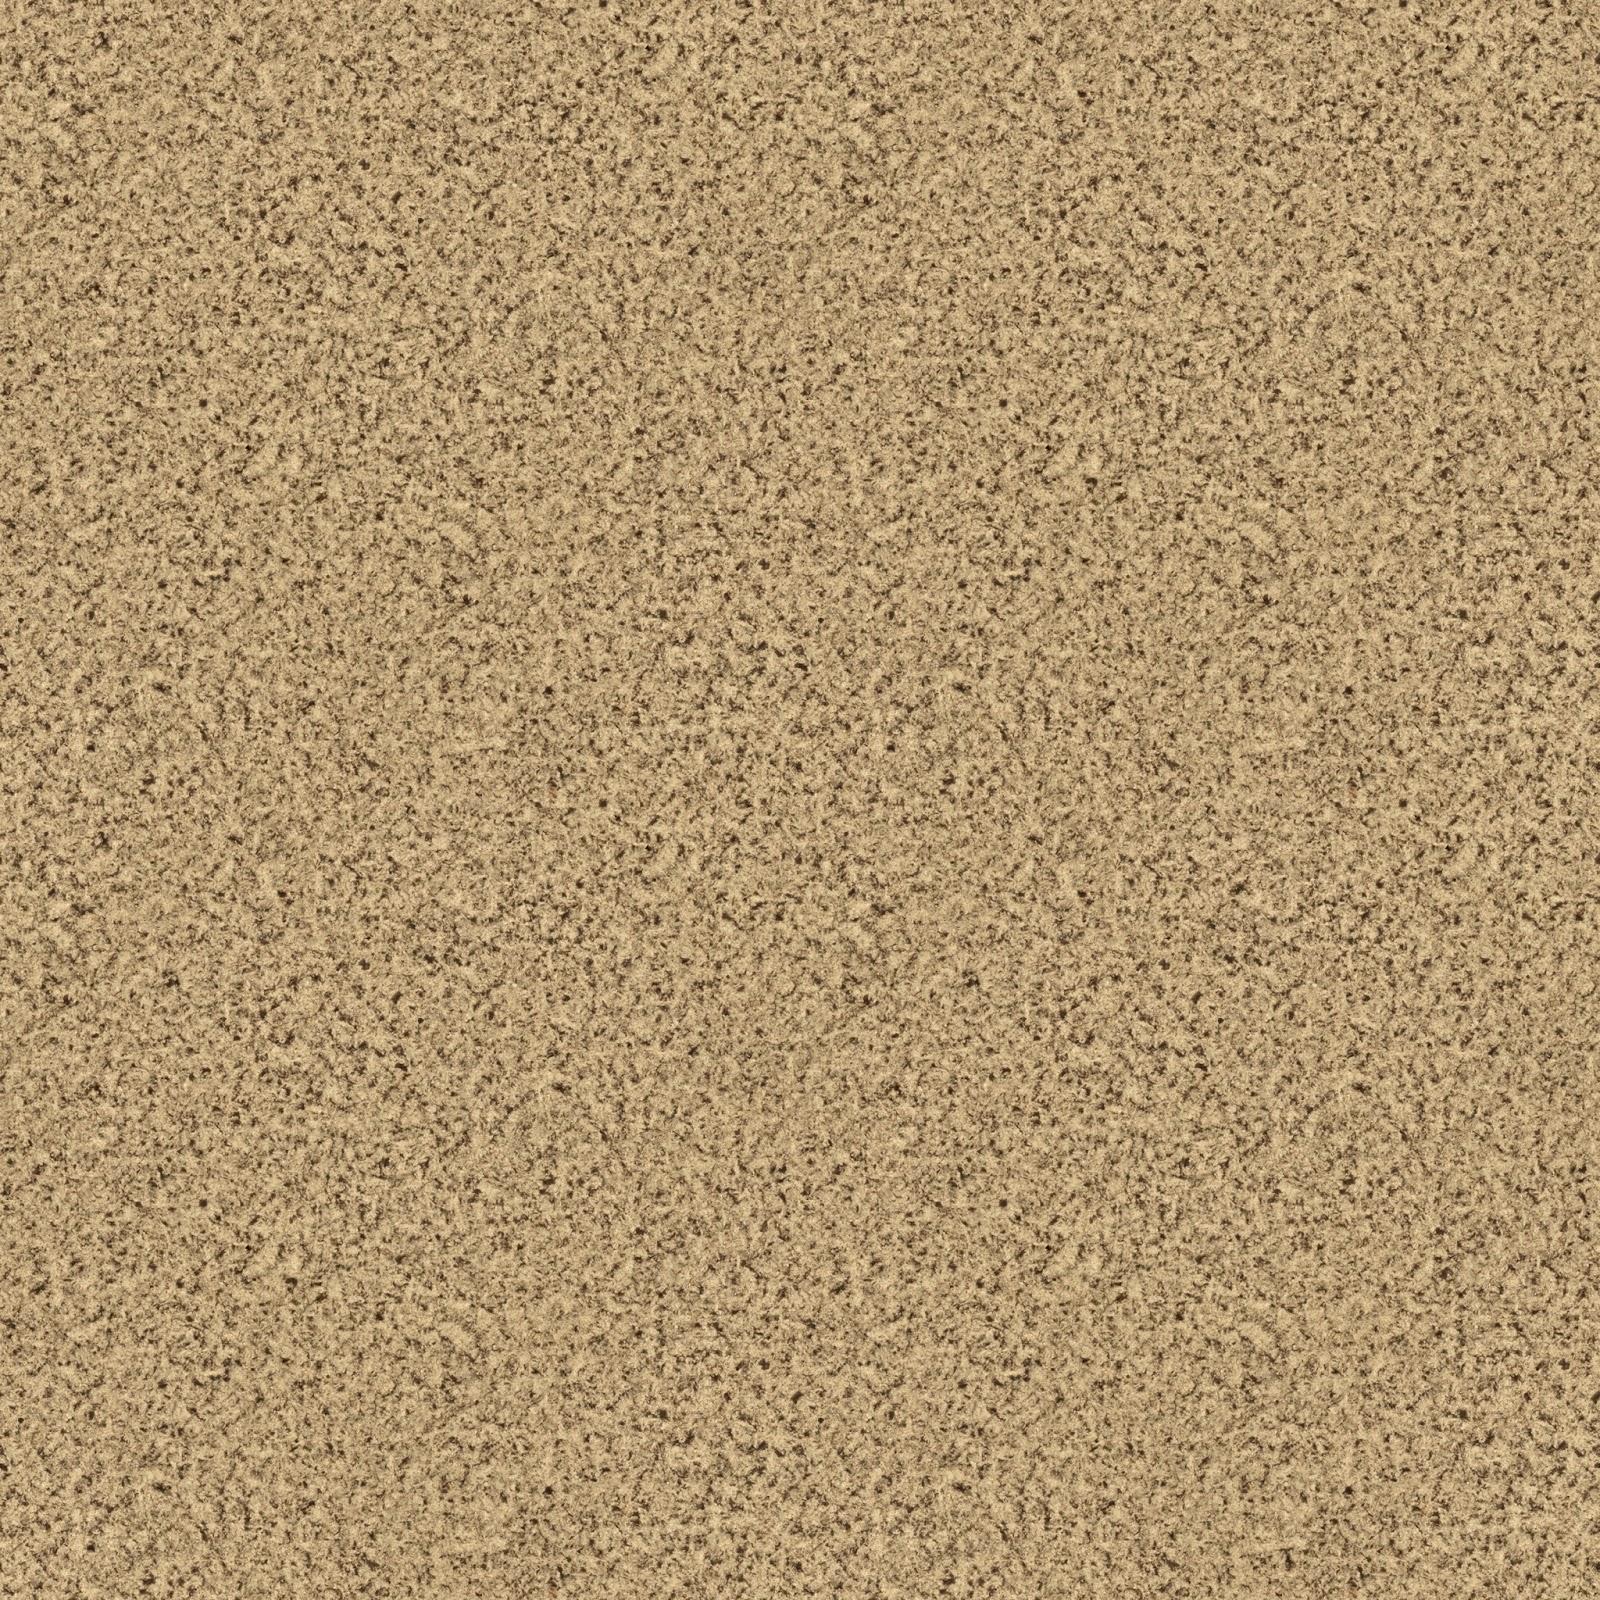 High Resolution Seamless Textures: Seamless Beach Sand Texture